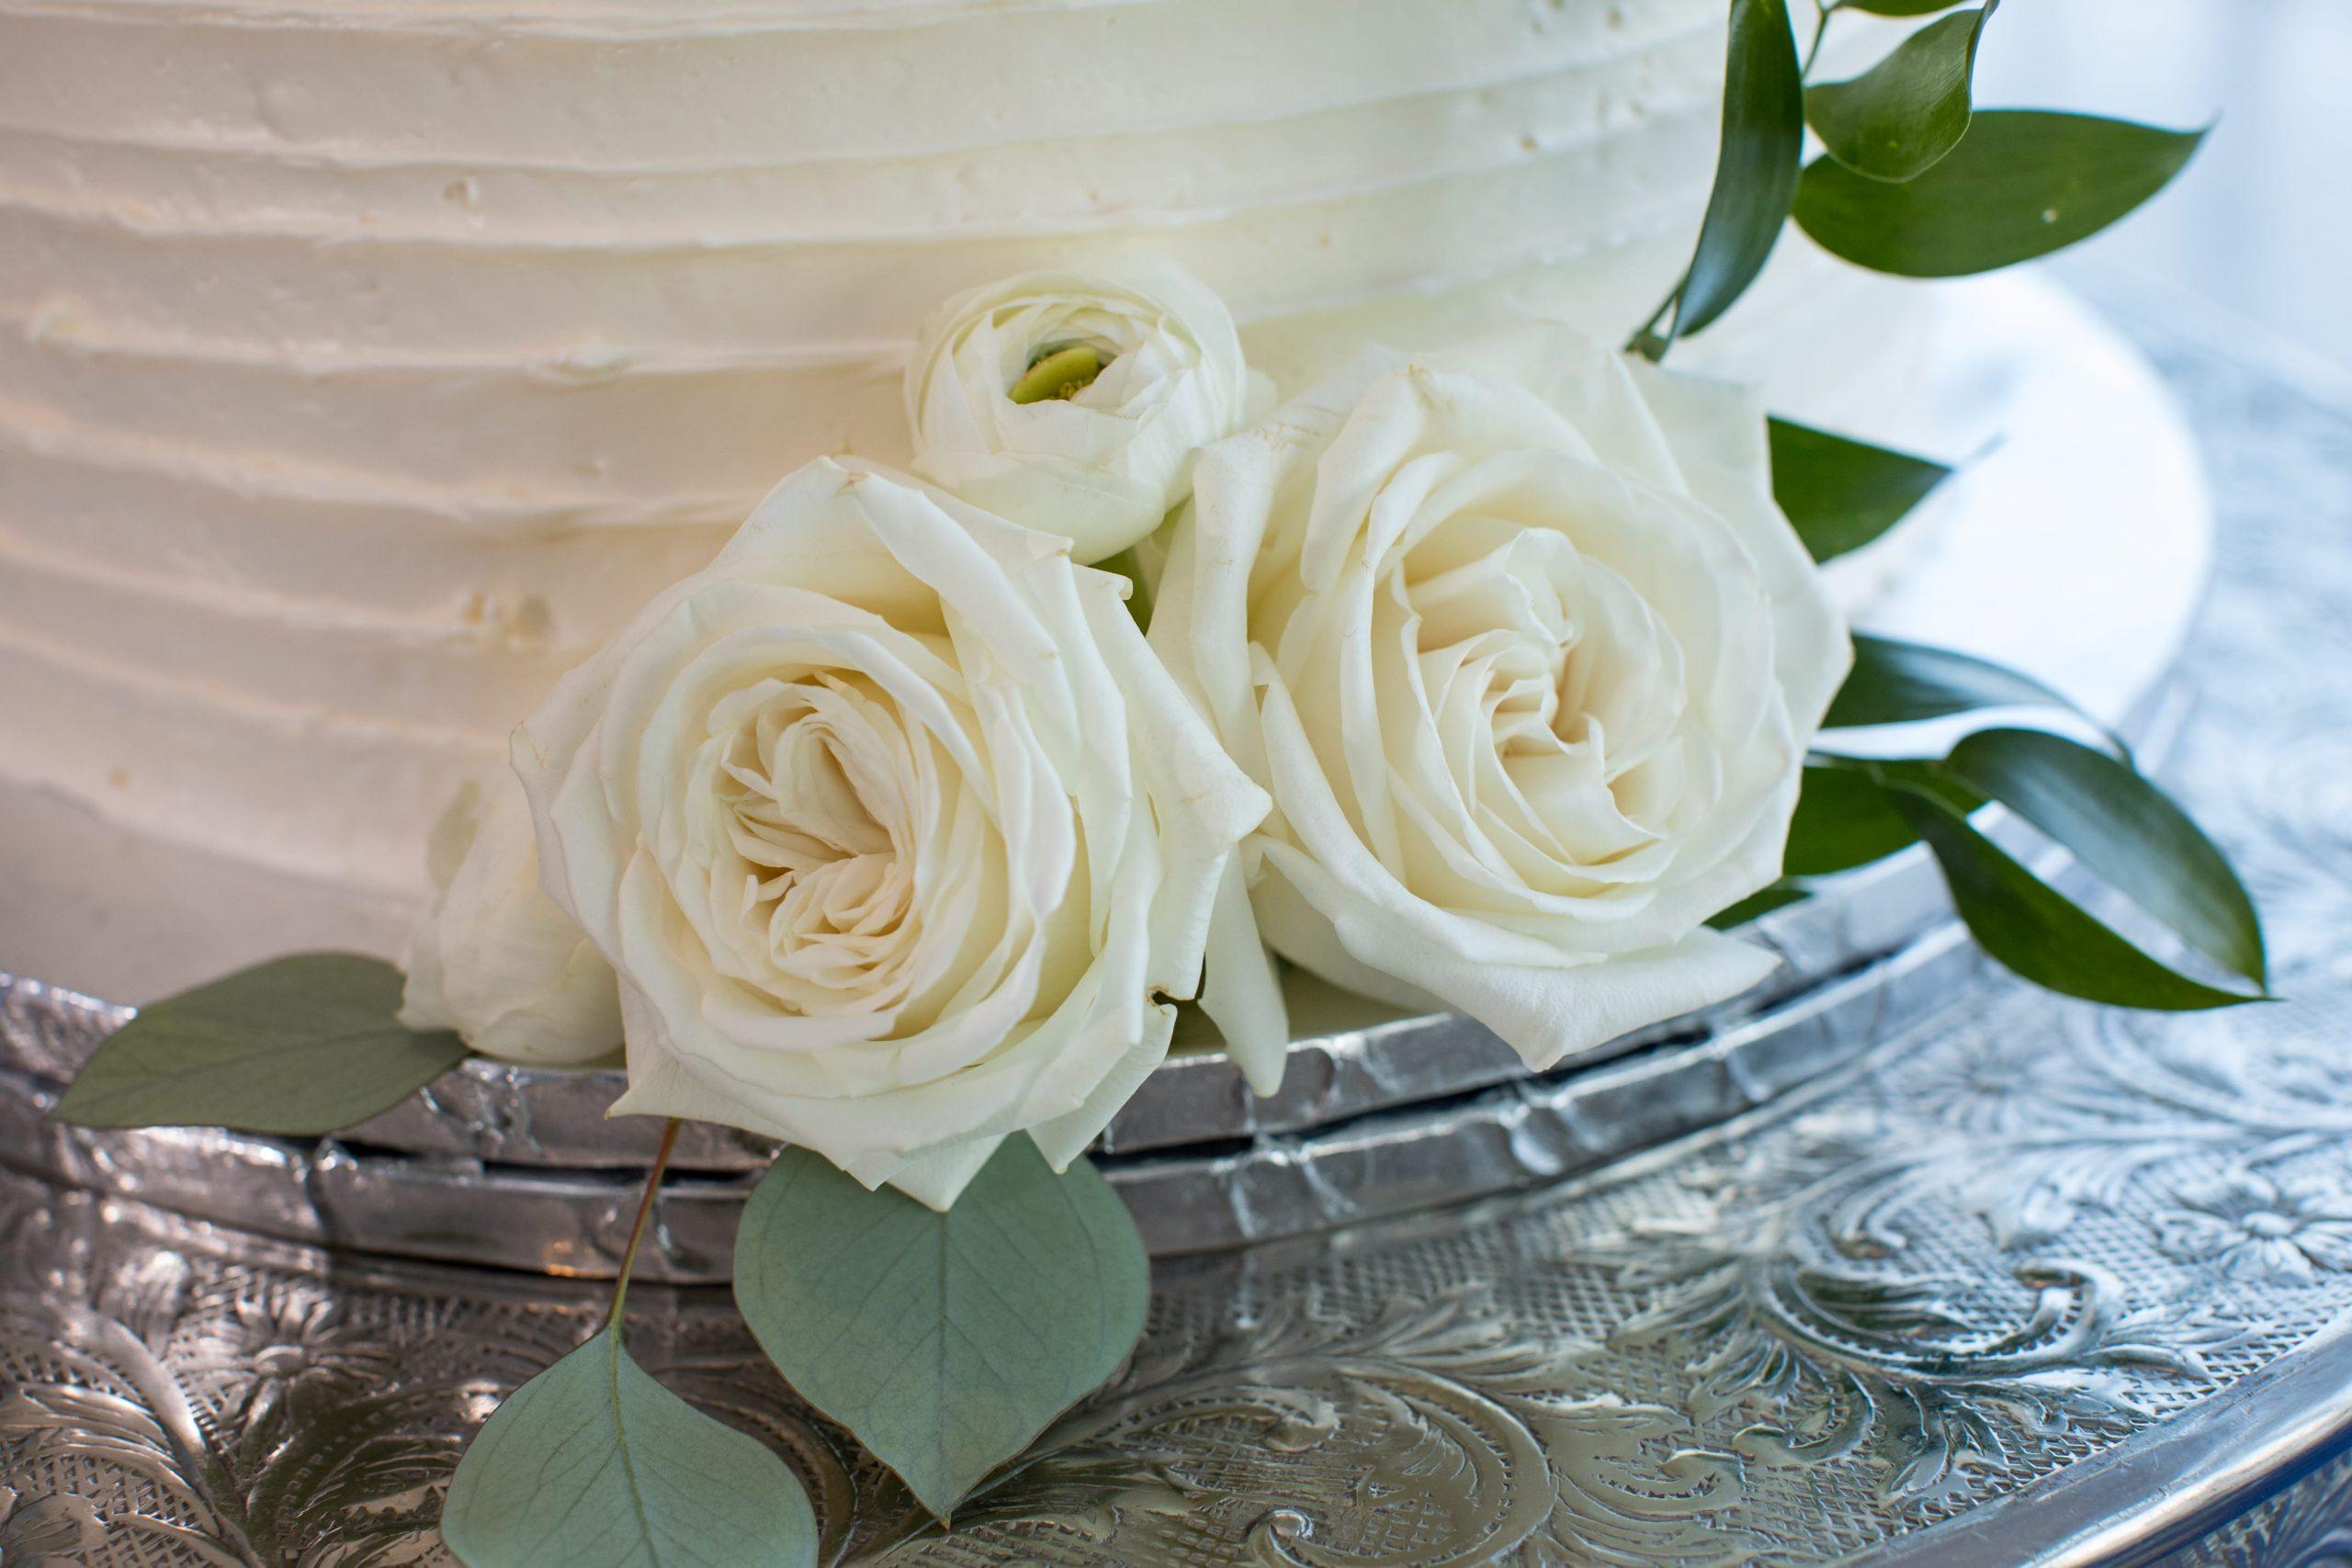 white roses on wedding cake